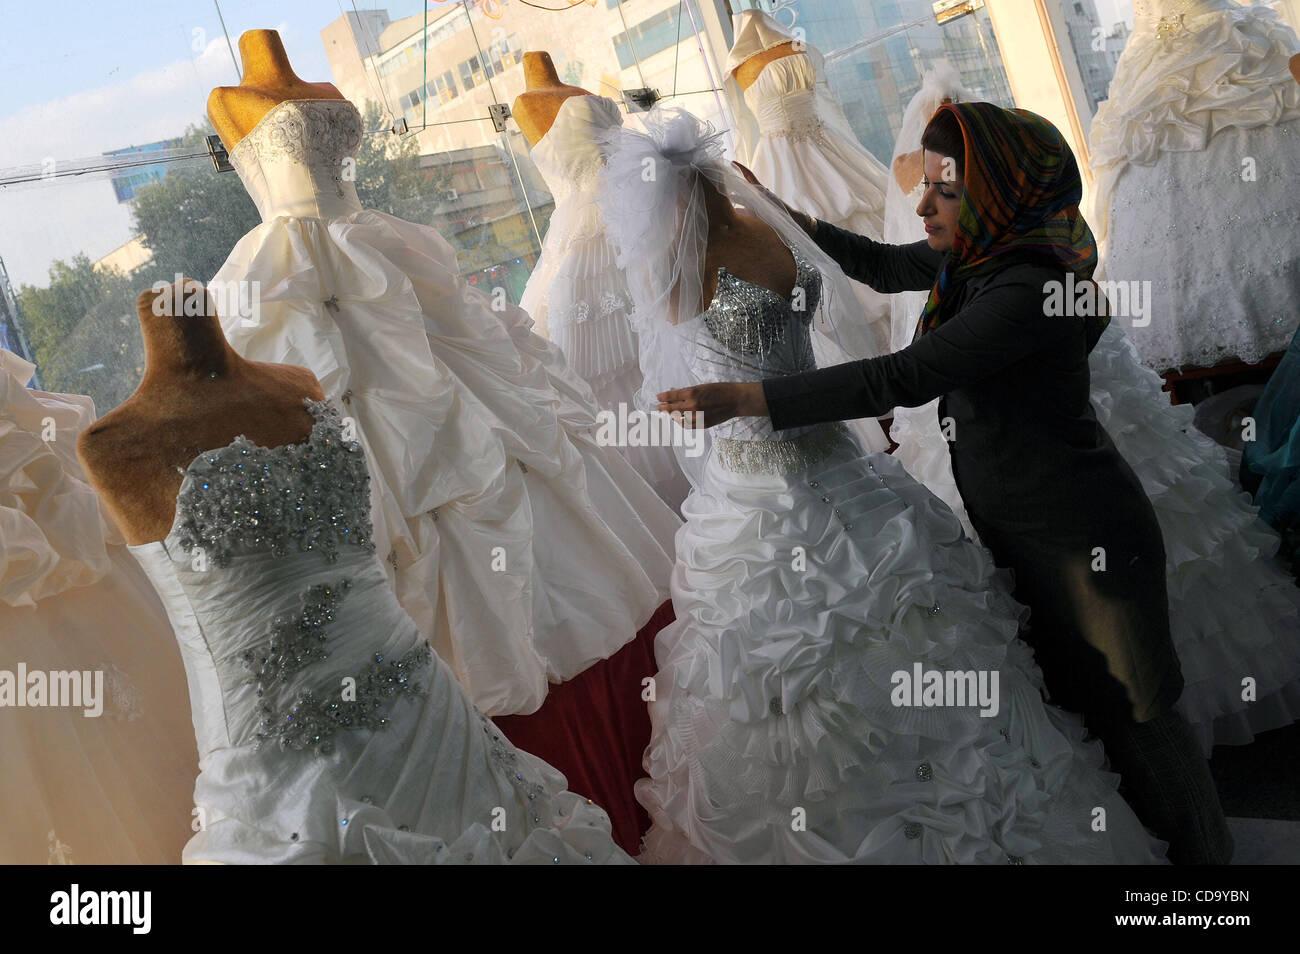 Ausgezeichnet Iranisch Brautkleid Fotos - Hochzeit Kleid Stile Ideen ...